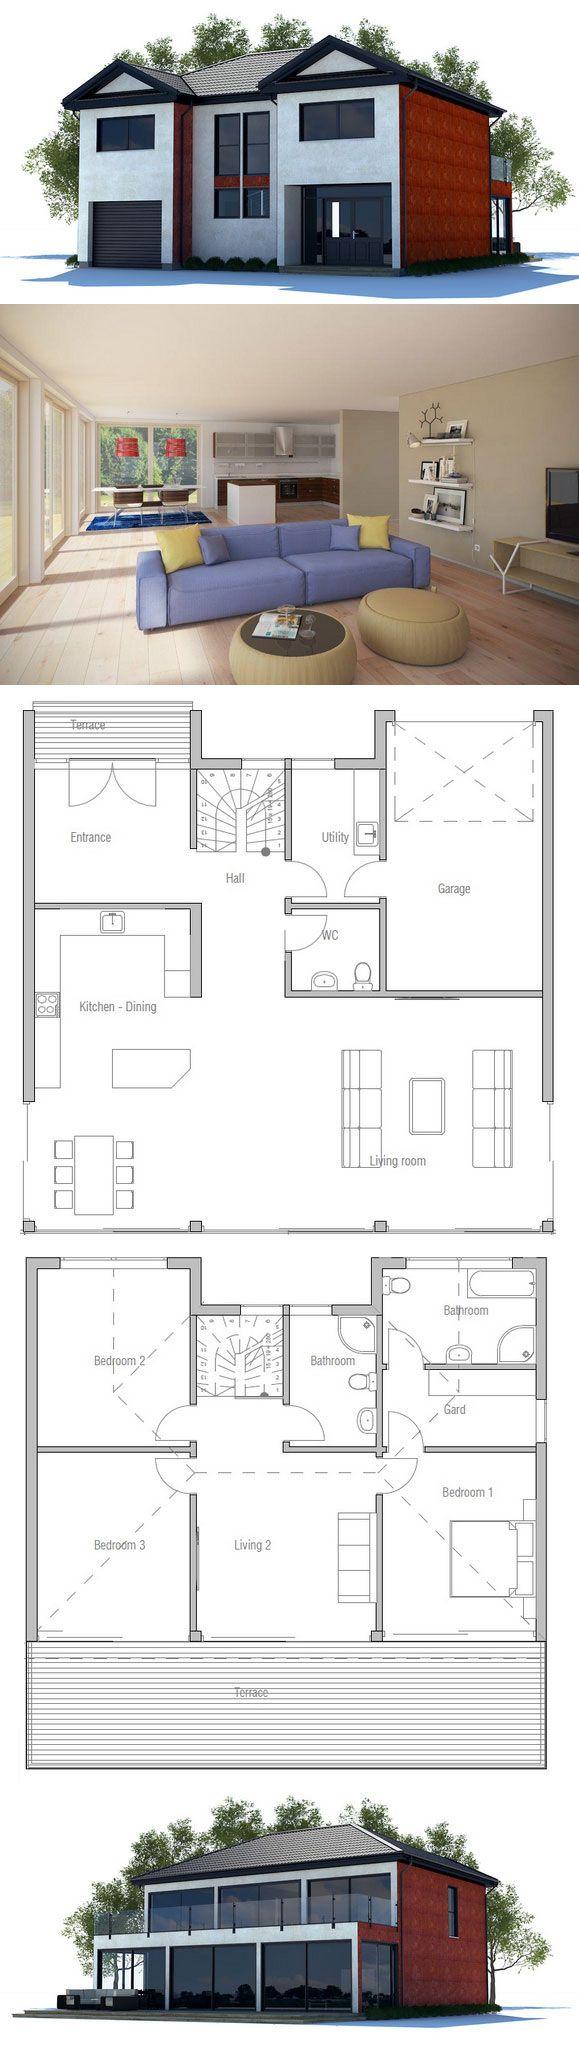 Oltre 25 fantastiche idee su architettura per case su for Piani di progettazione della casa 3d 4 camere da letto